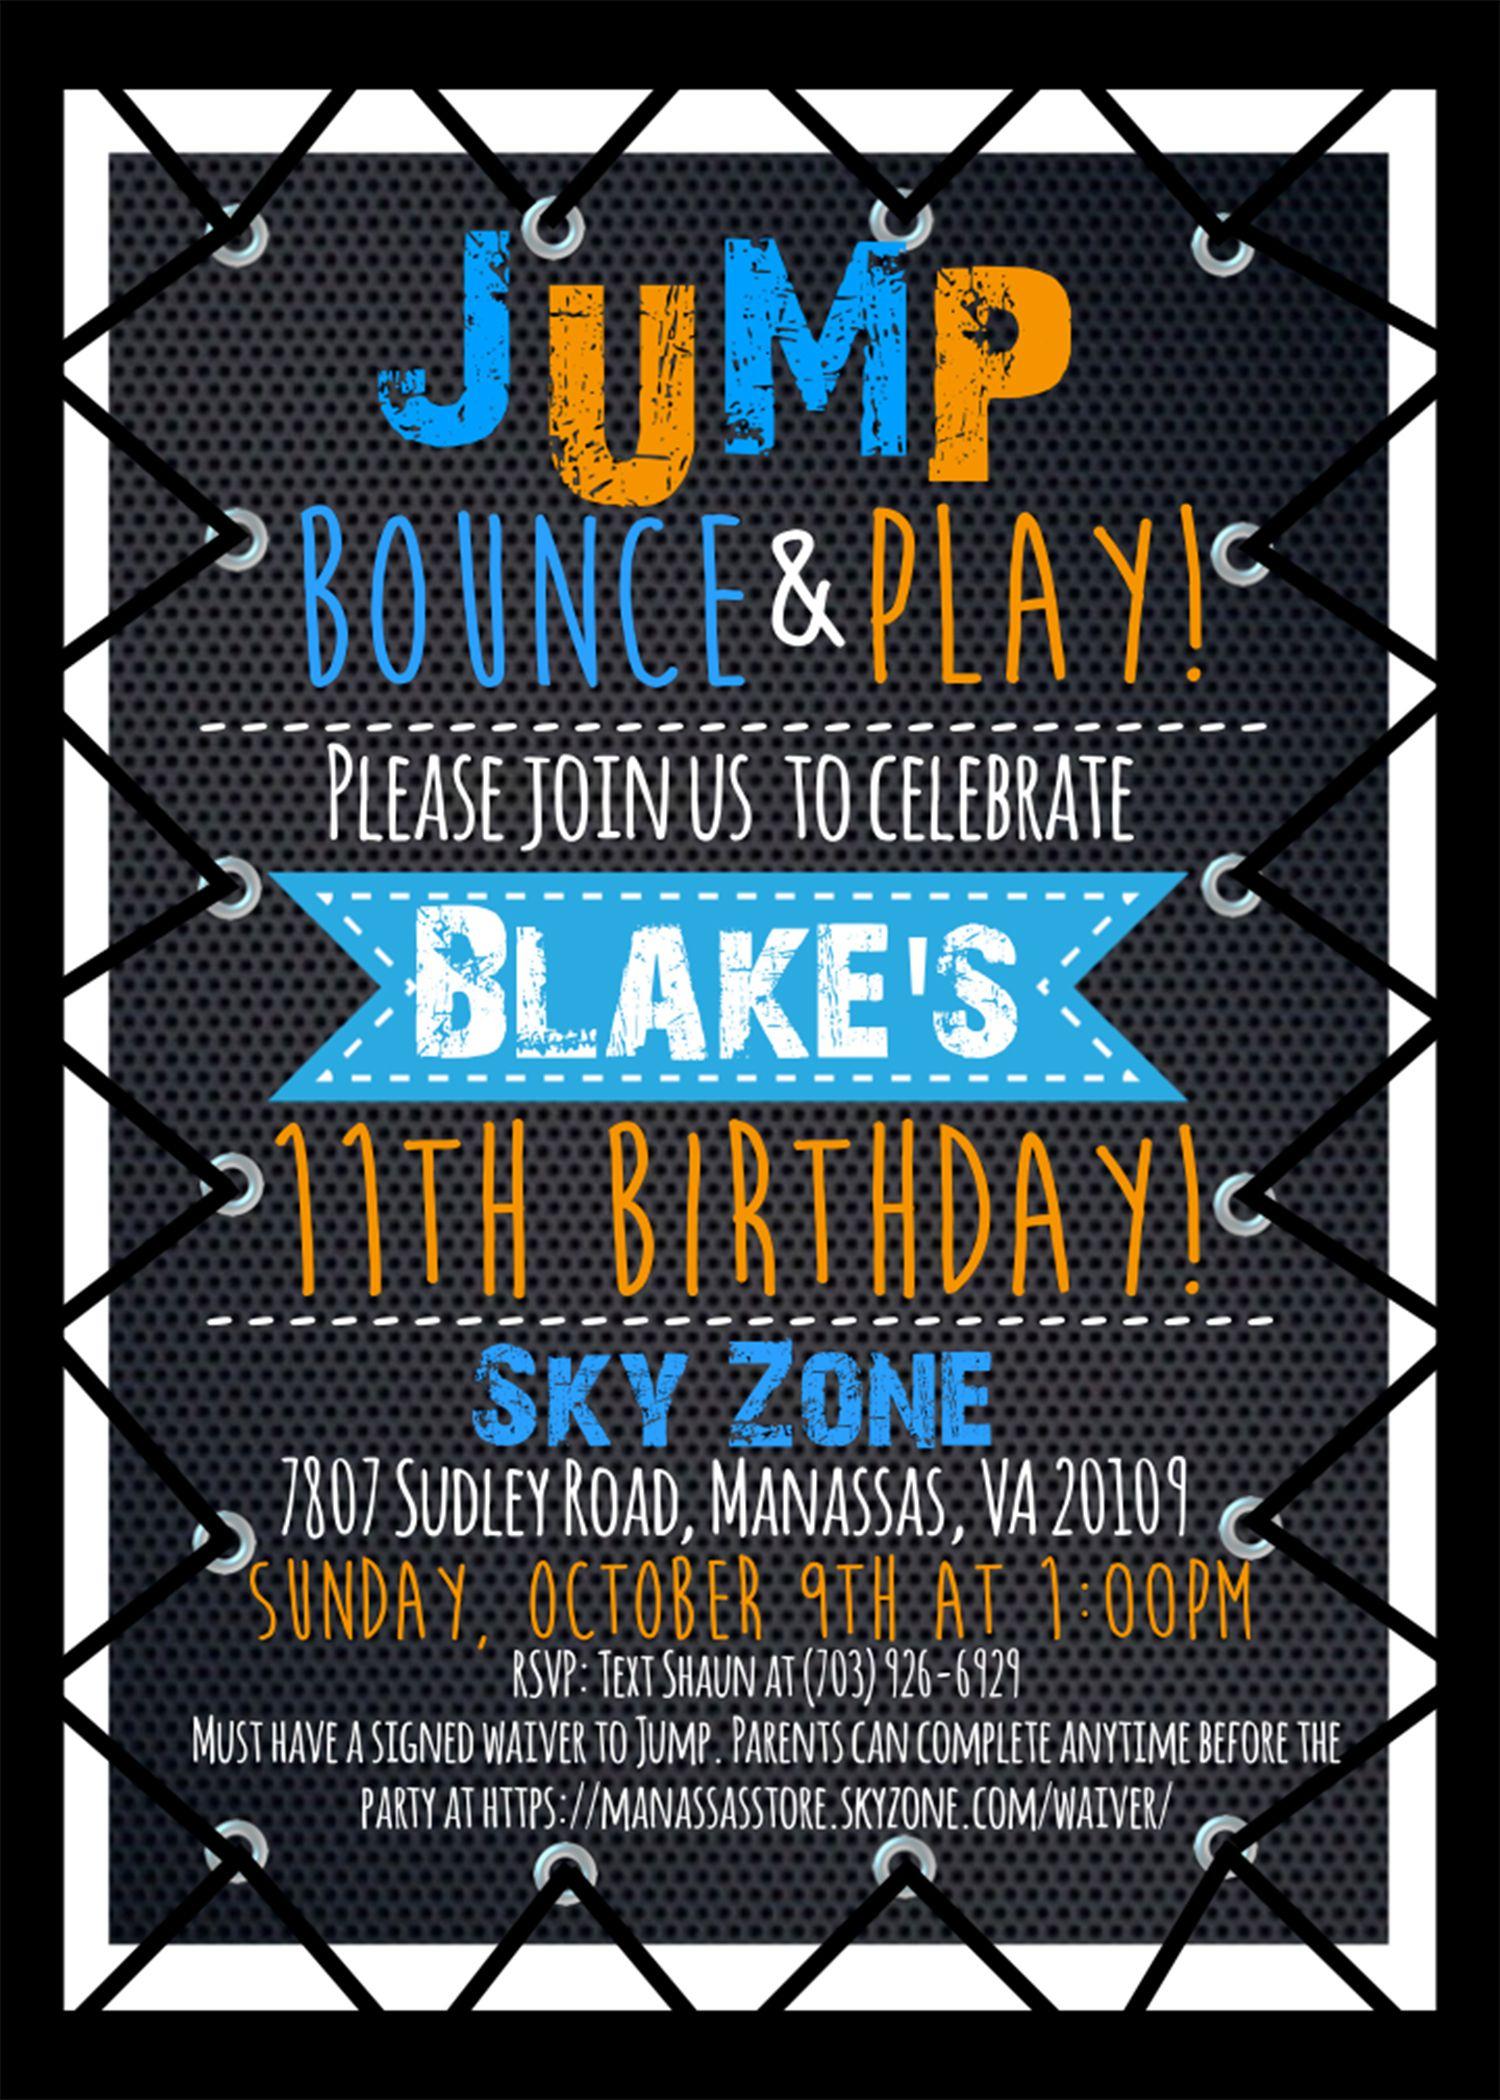 Blake S 11th Birthday Party Invite Etsy Trampoline Birthday Party Boy Birthday Party Invitations Trampoline Birthday Invitations